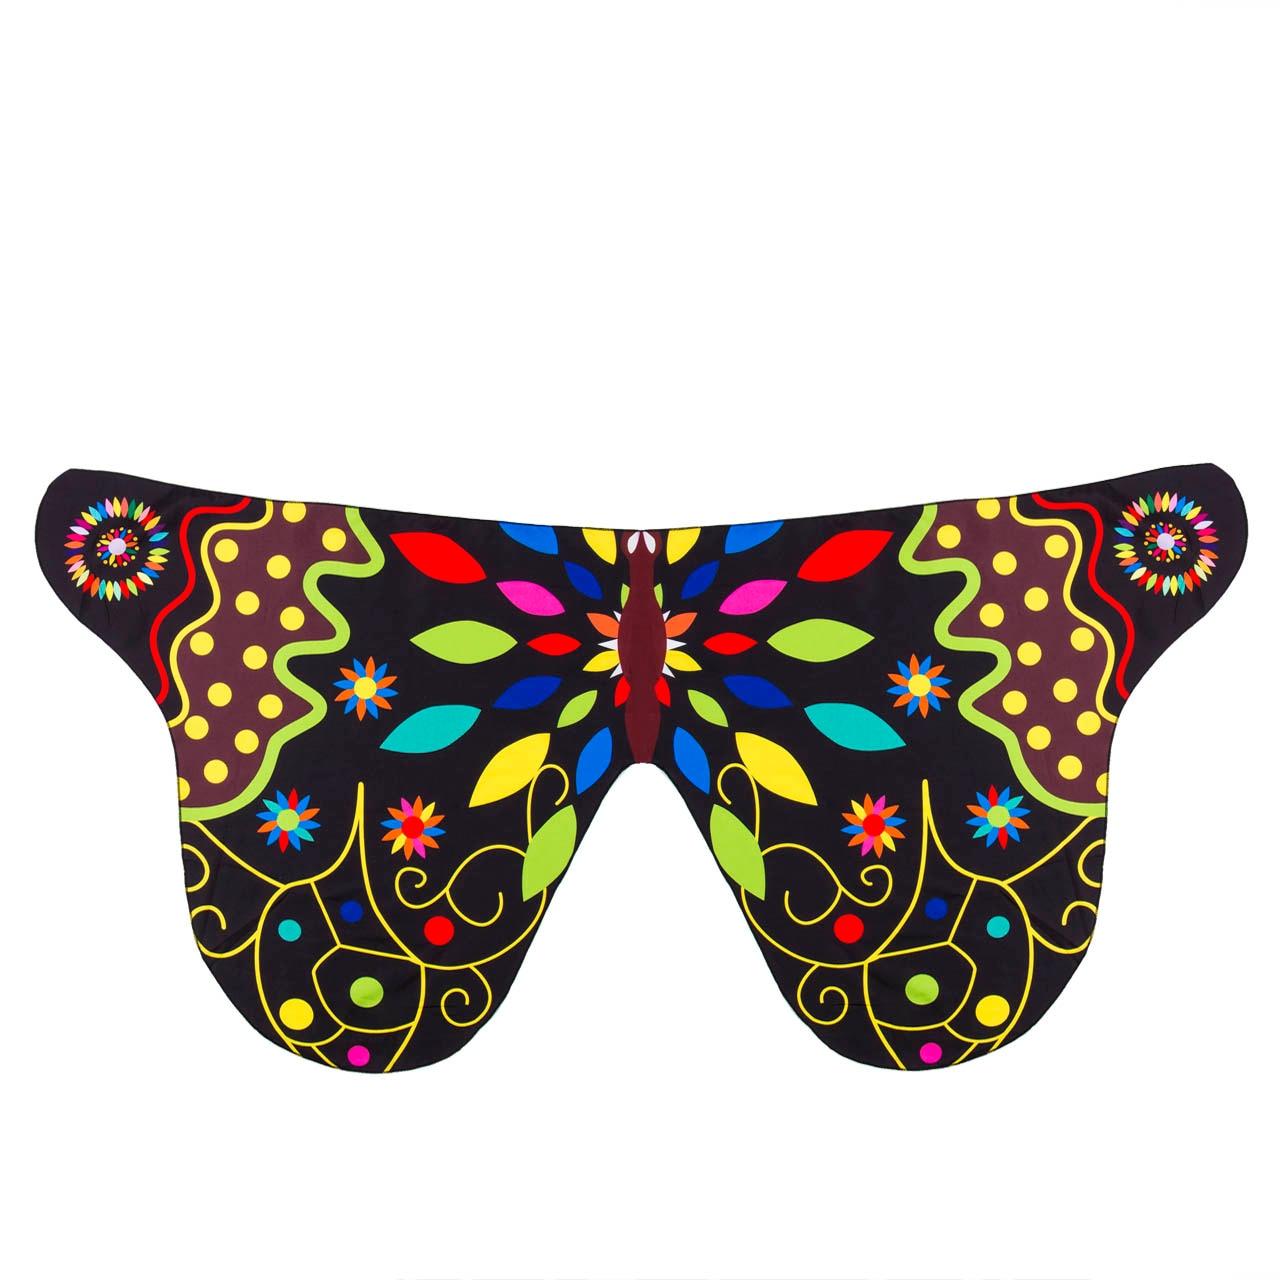 Pudcoco Детский шарф для девочек красивое крыло шаль бабочки шарфы летнее пляжное пончо костюм аксессуар пончо и накидки - Цвет: Черный